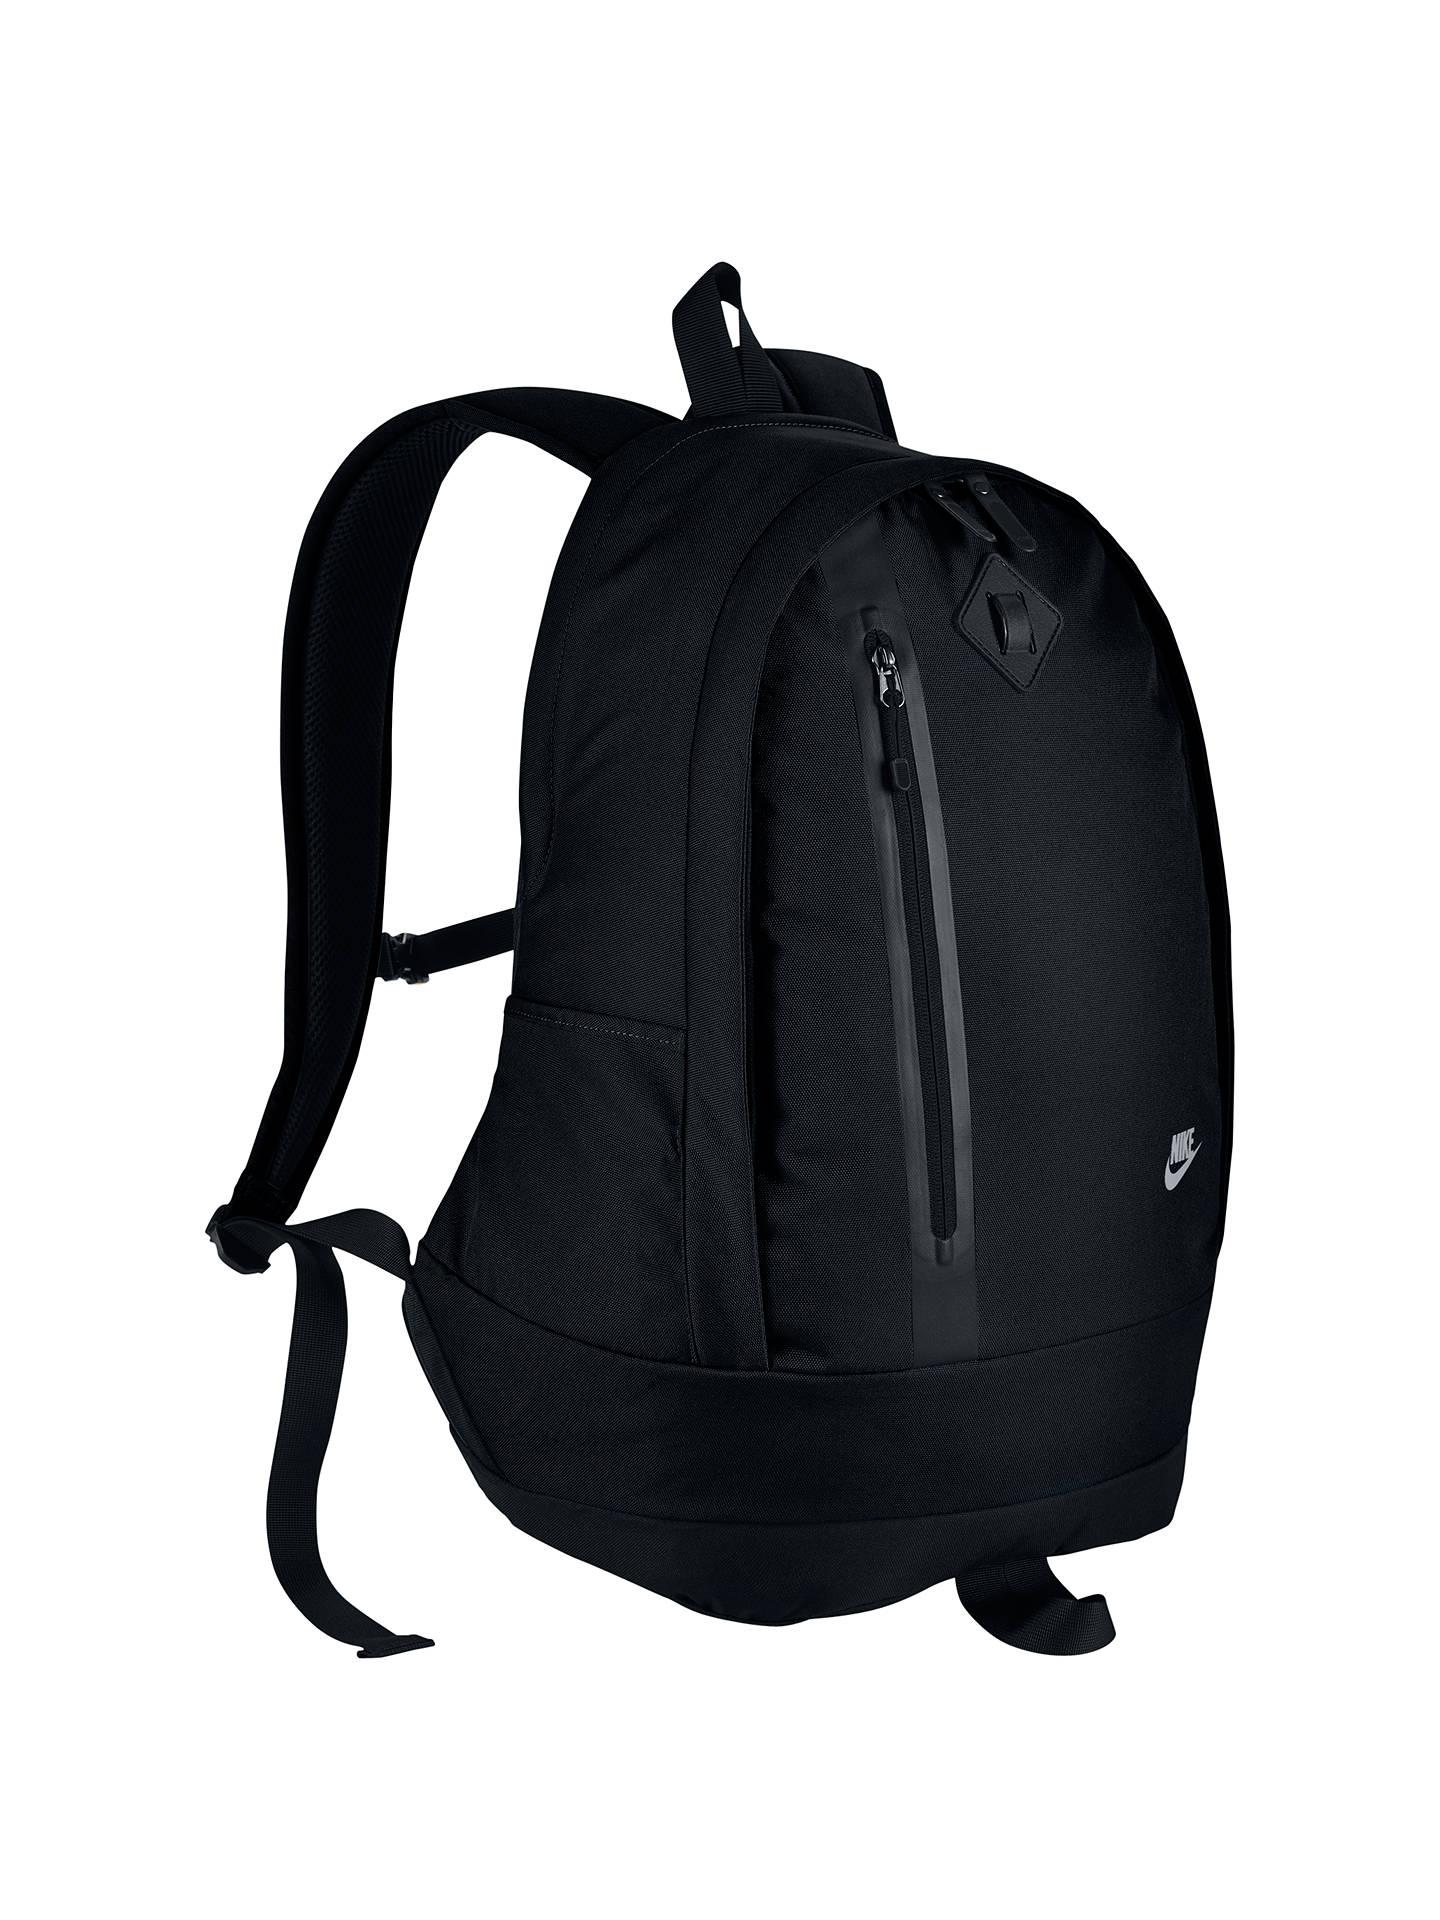 Nike Cheyenne Backpack, Black